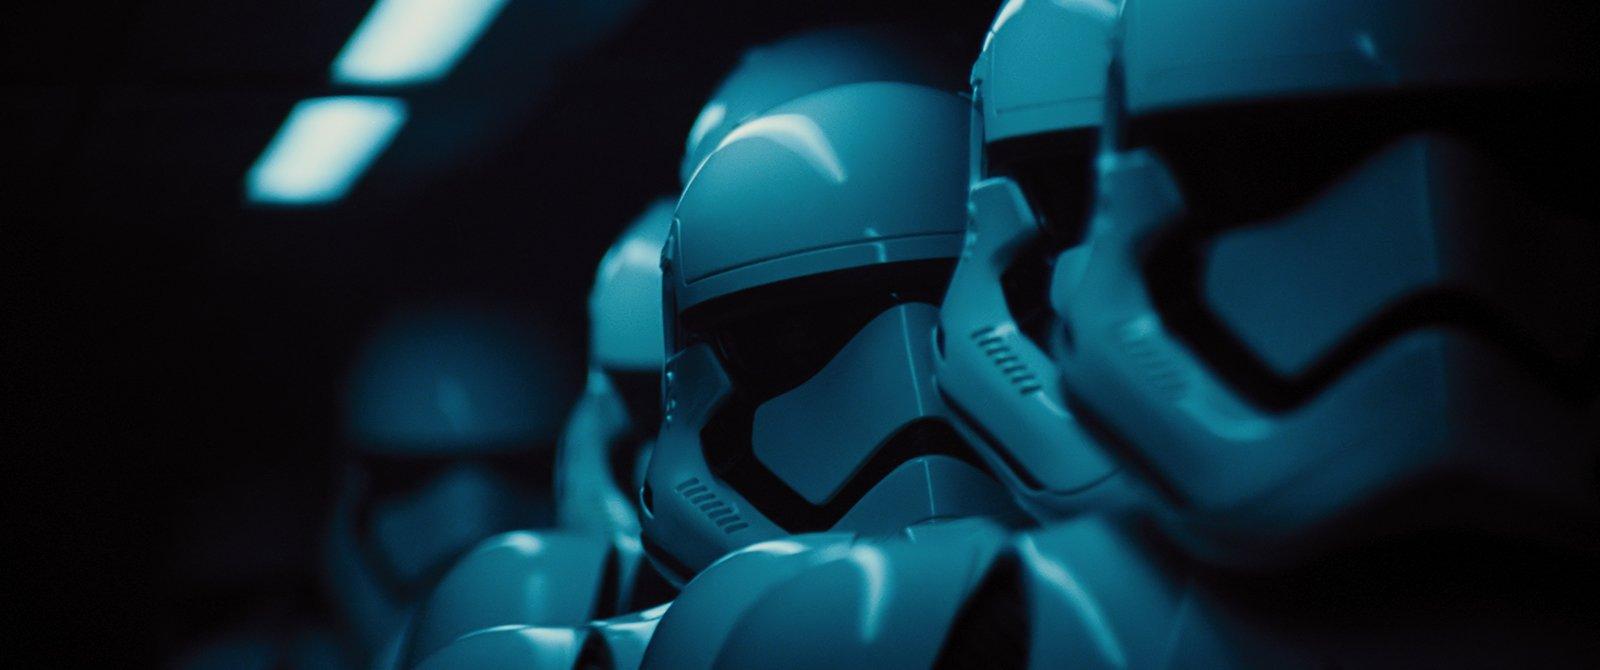 Recopilación de enlaces #29: SEO, Star Wars y Netflix 1